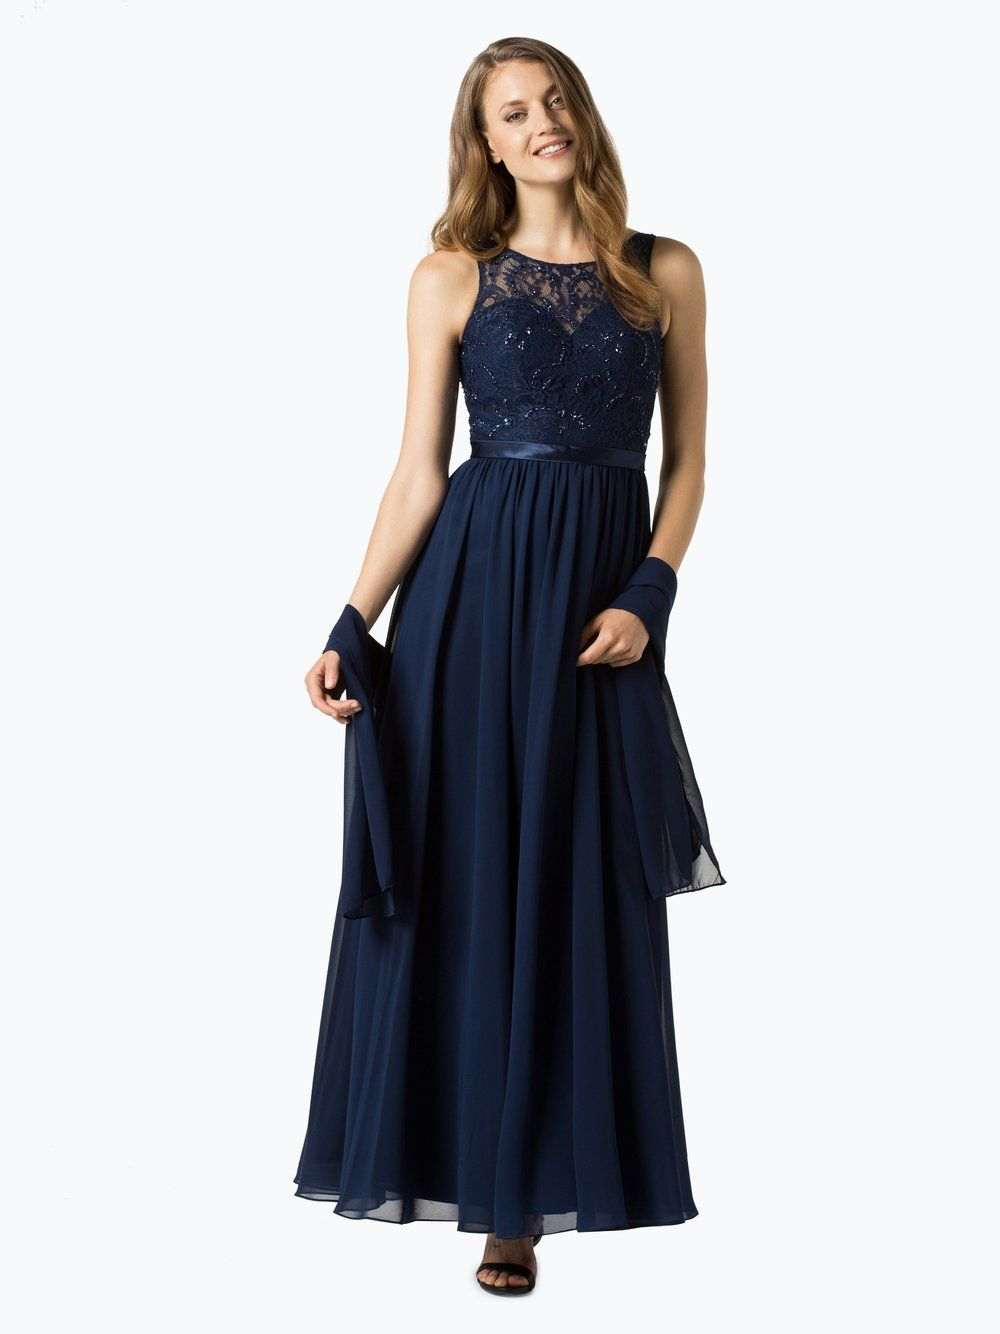 Damen Abendkleid mit Stola  Abendkleid, Kleider und Formelle kleider